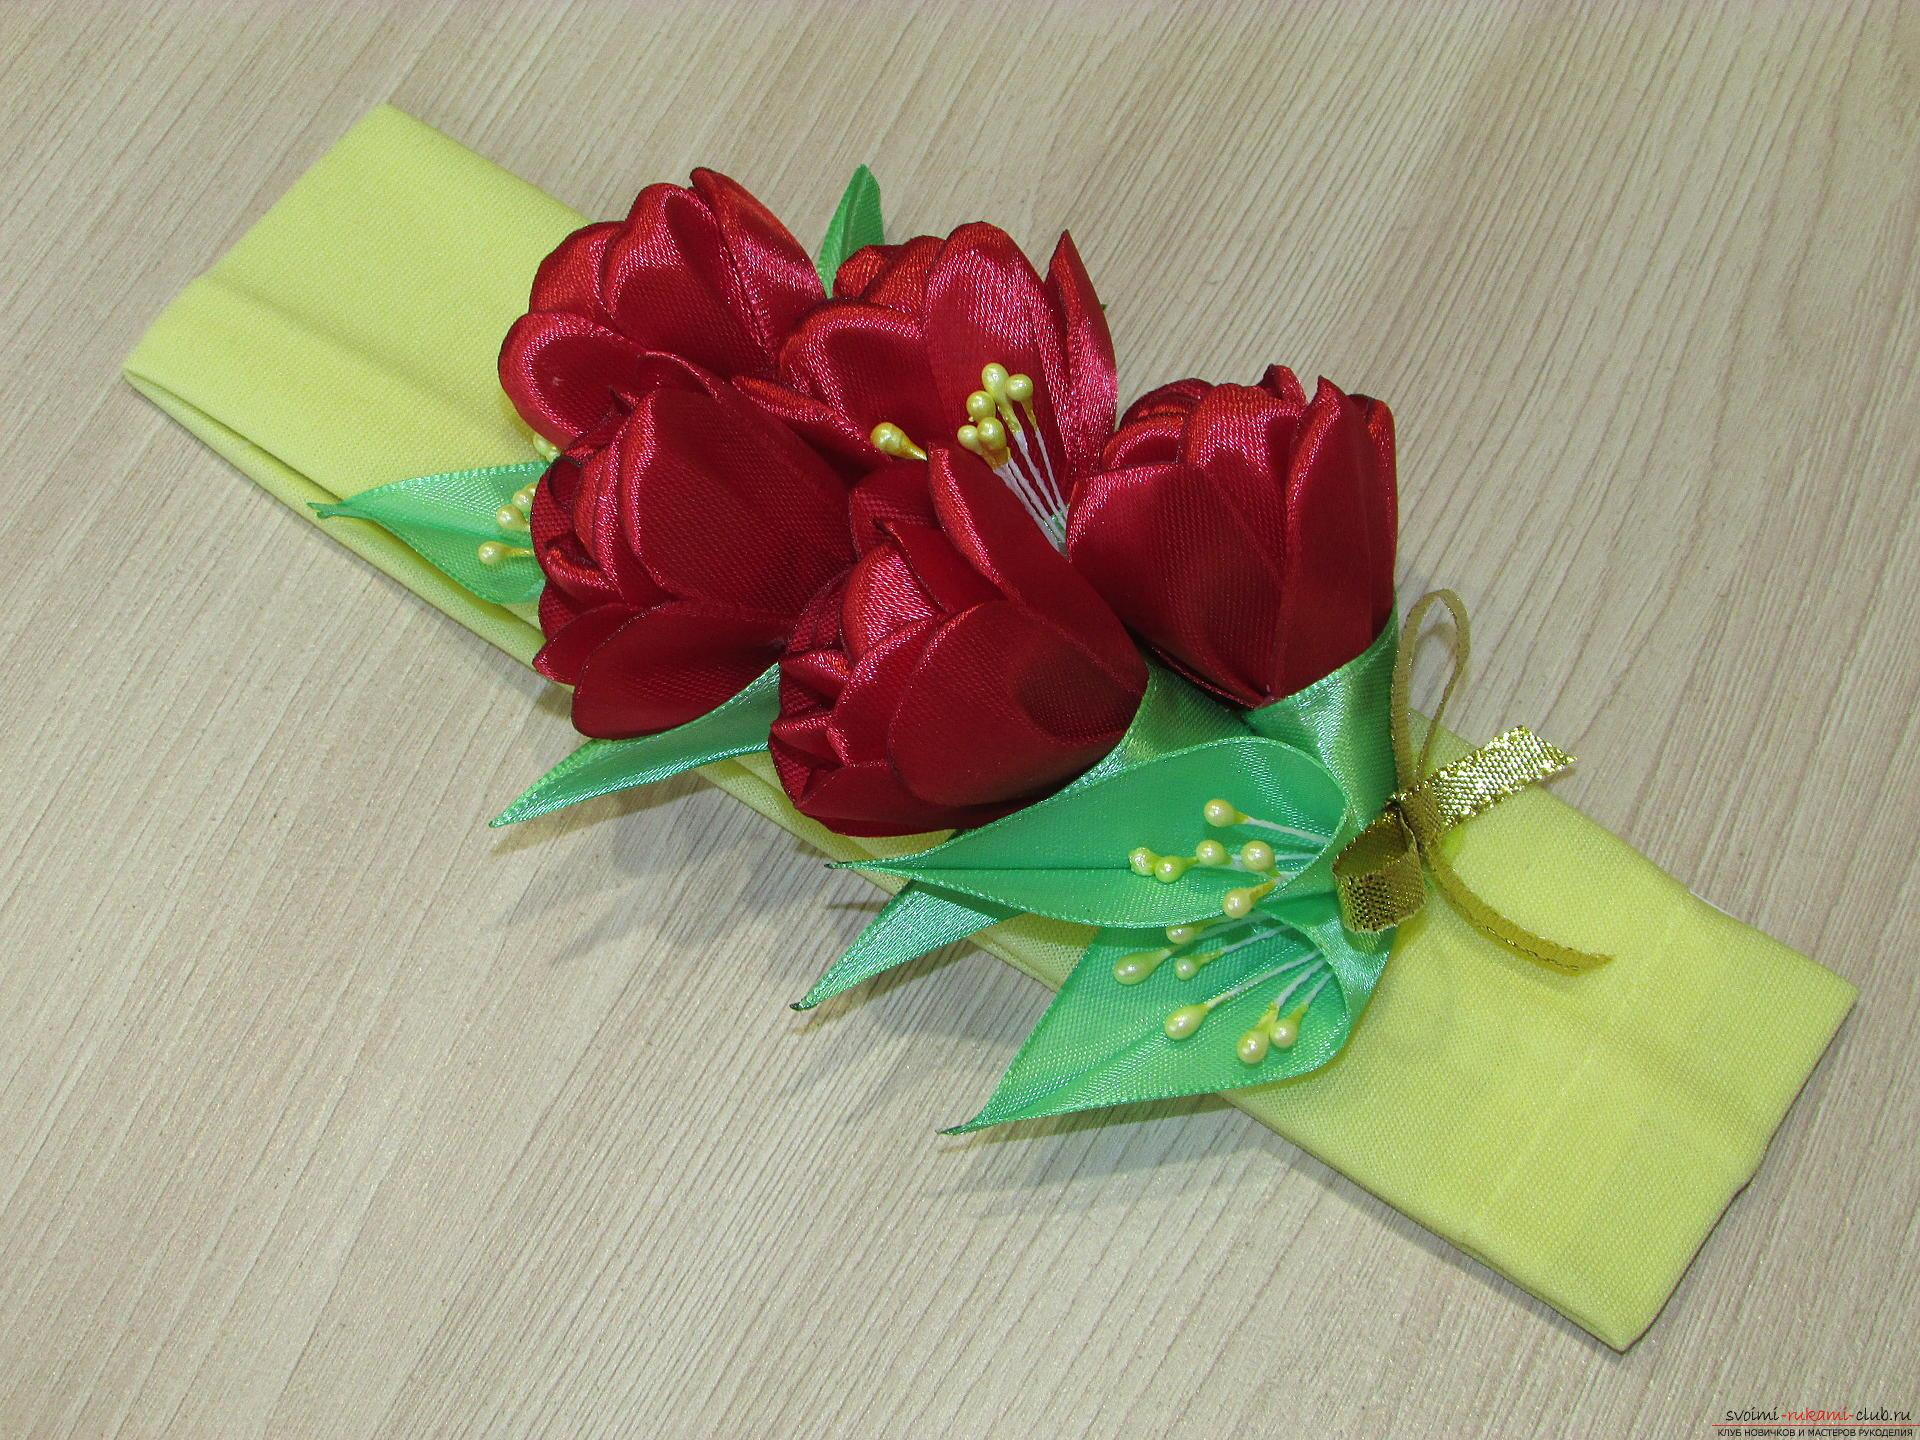 Этот мастер-класс научит как сделать тюльпаны из атласных лент своими руками.. Фото №22